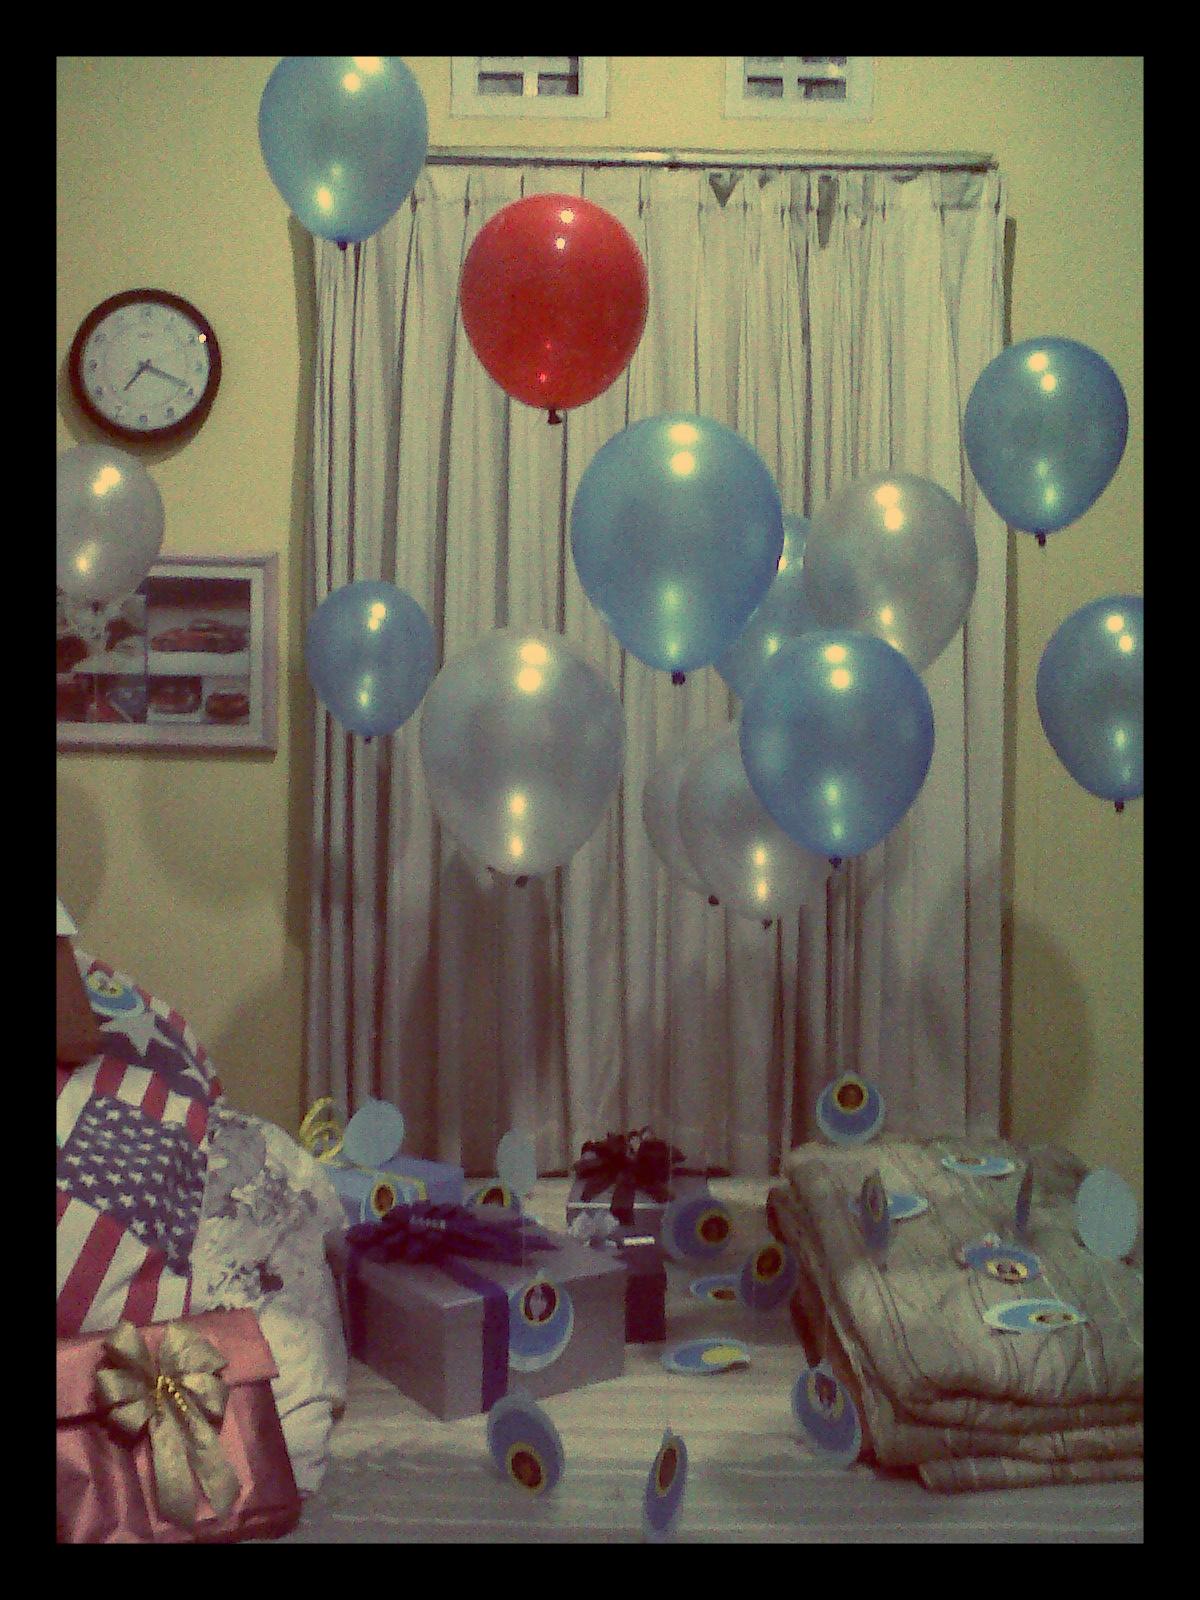 Dekorasi kamar ulang tahun simple dekorasi ultah ulang tahun for Dekor ulang tahun